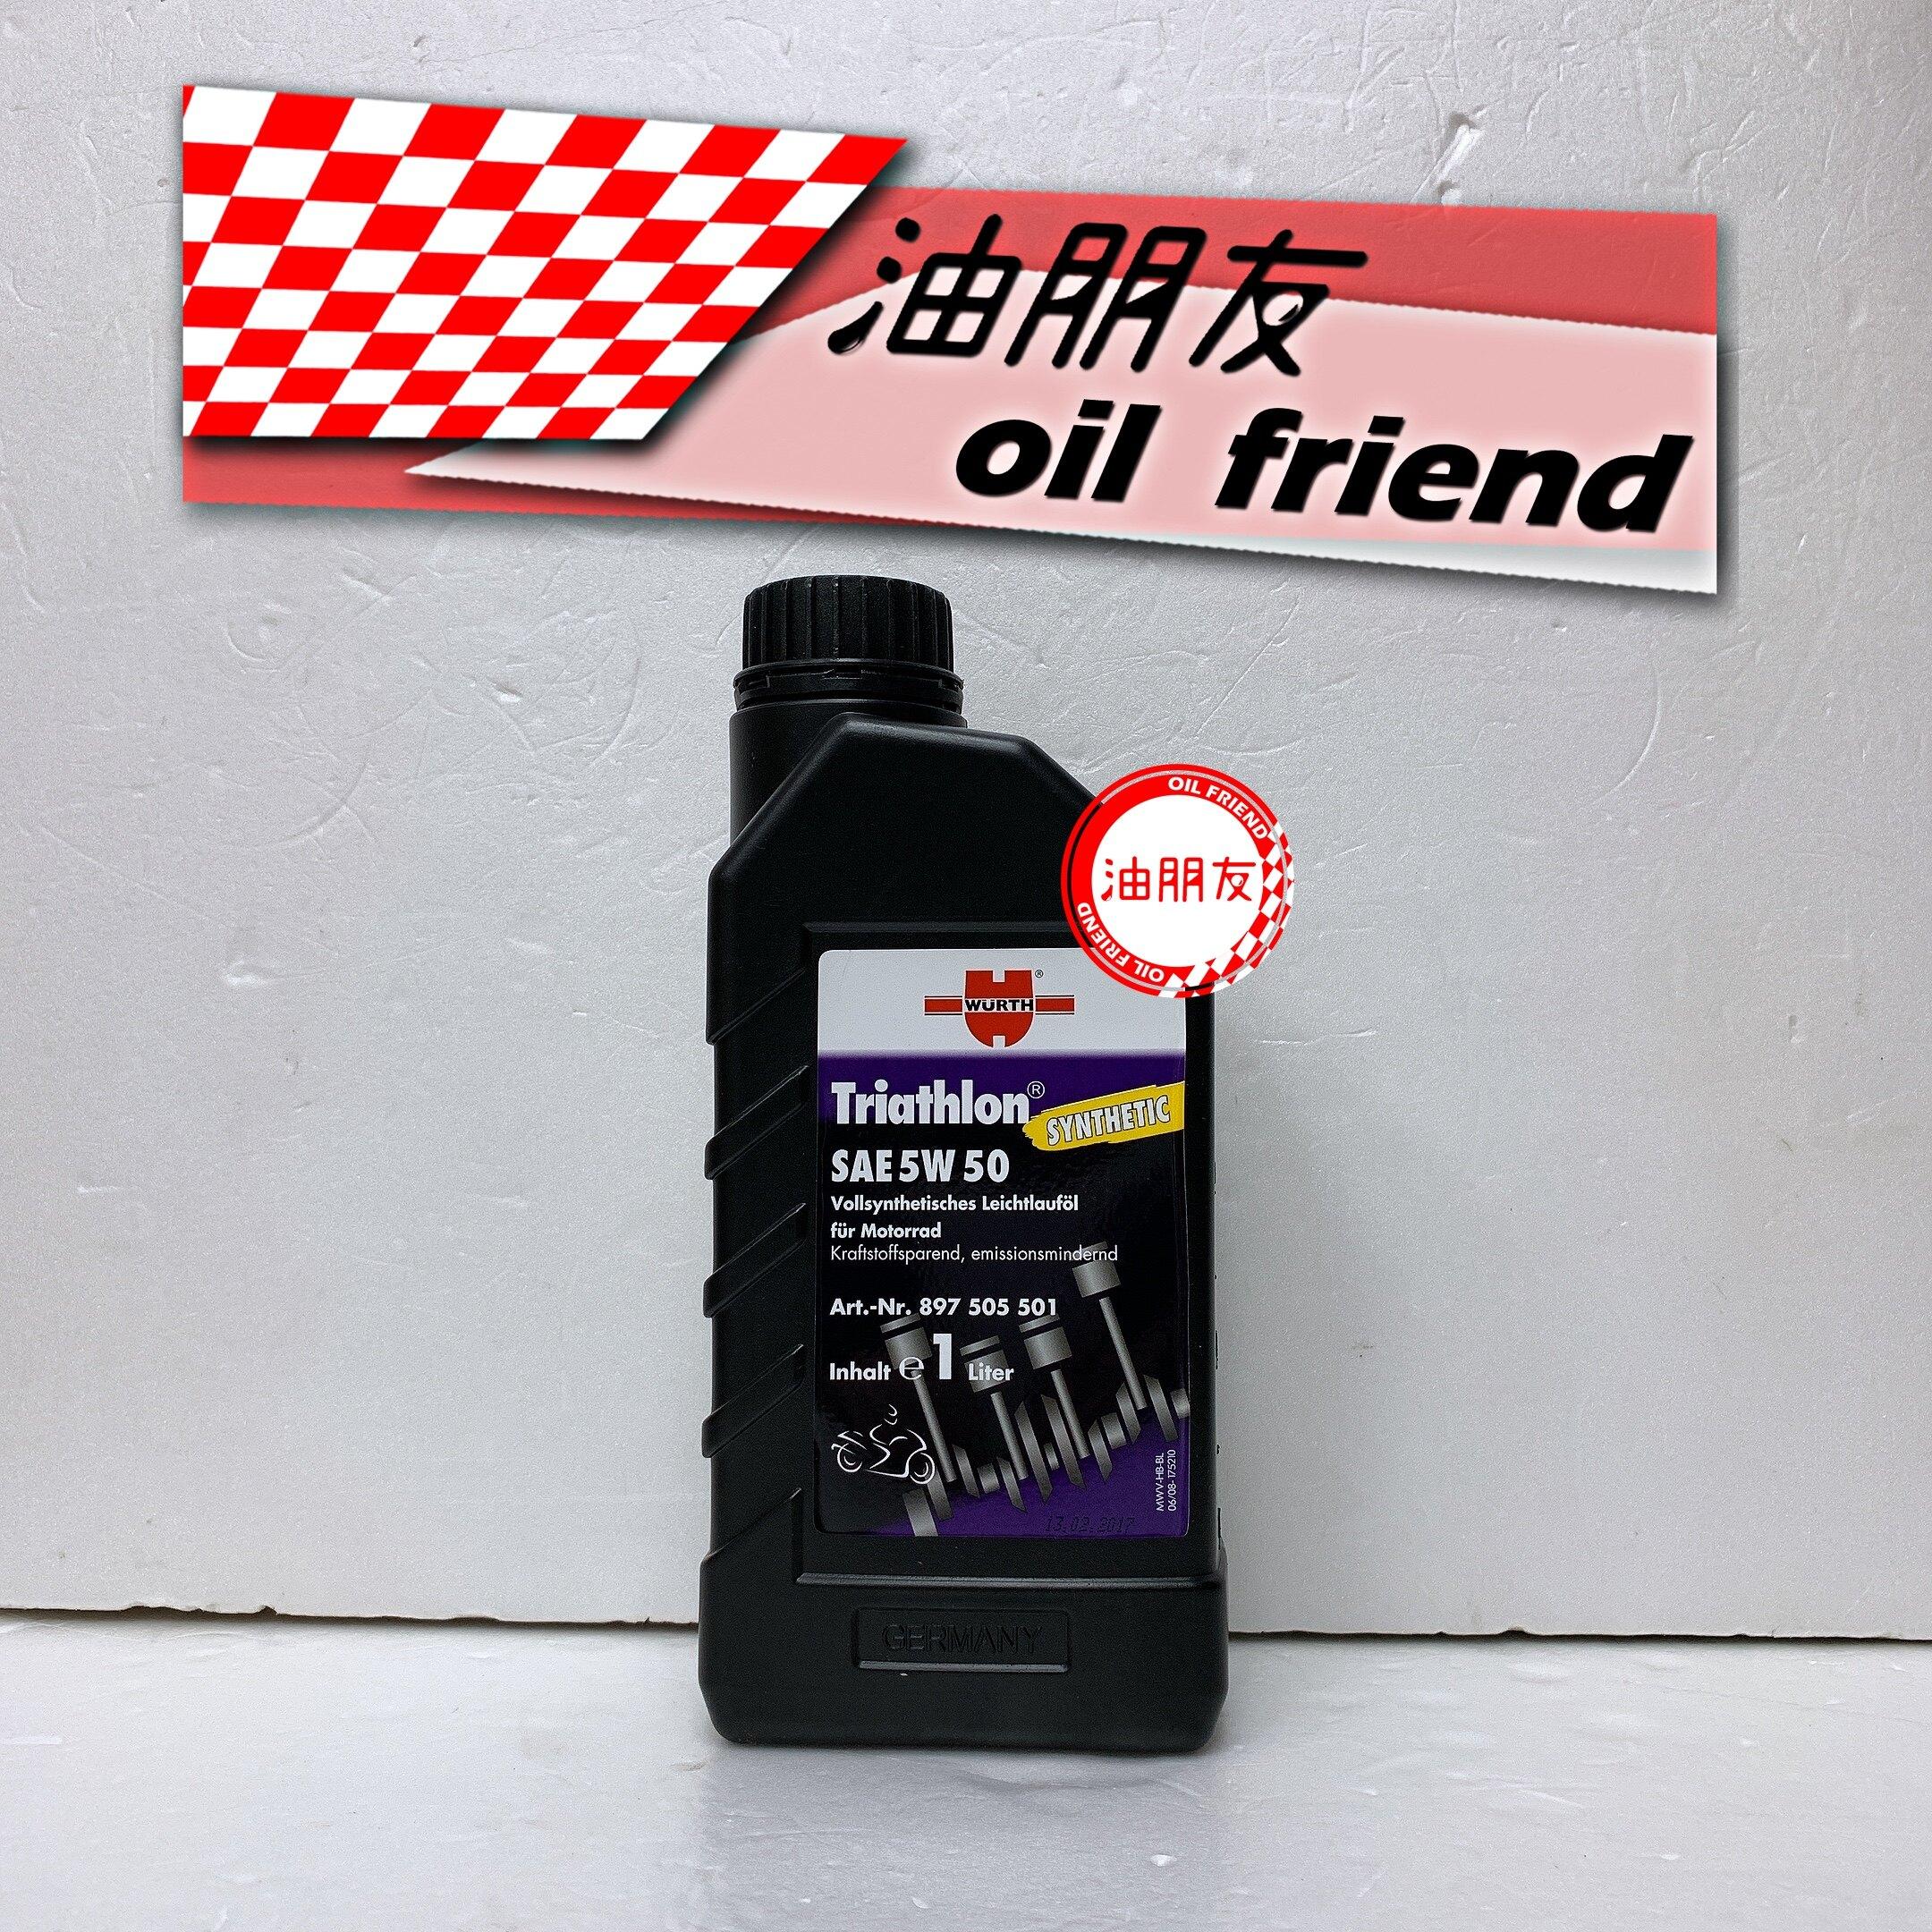 -油朋友-公司貨 WURTH 福士 Triathlon 5W50 全合成 高性能 機油 JASO MA2 檔車重車專用